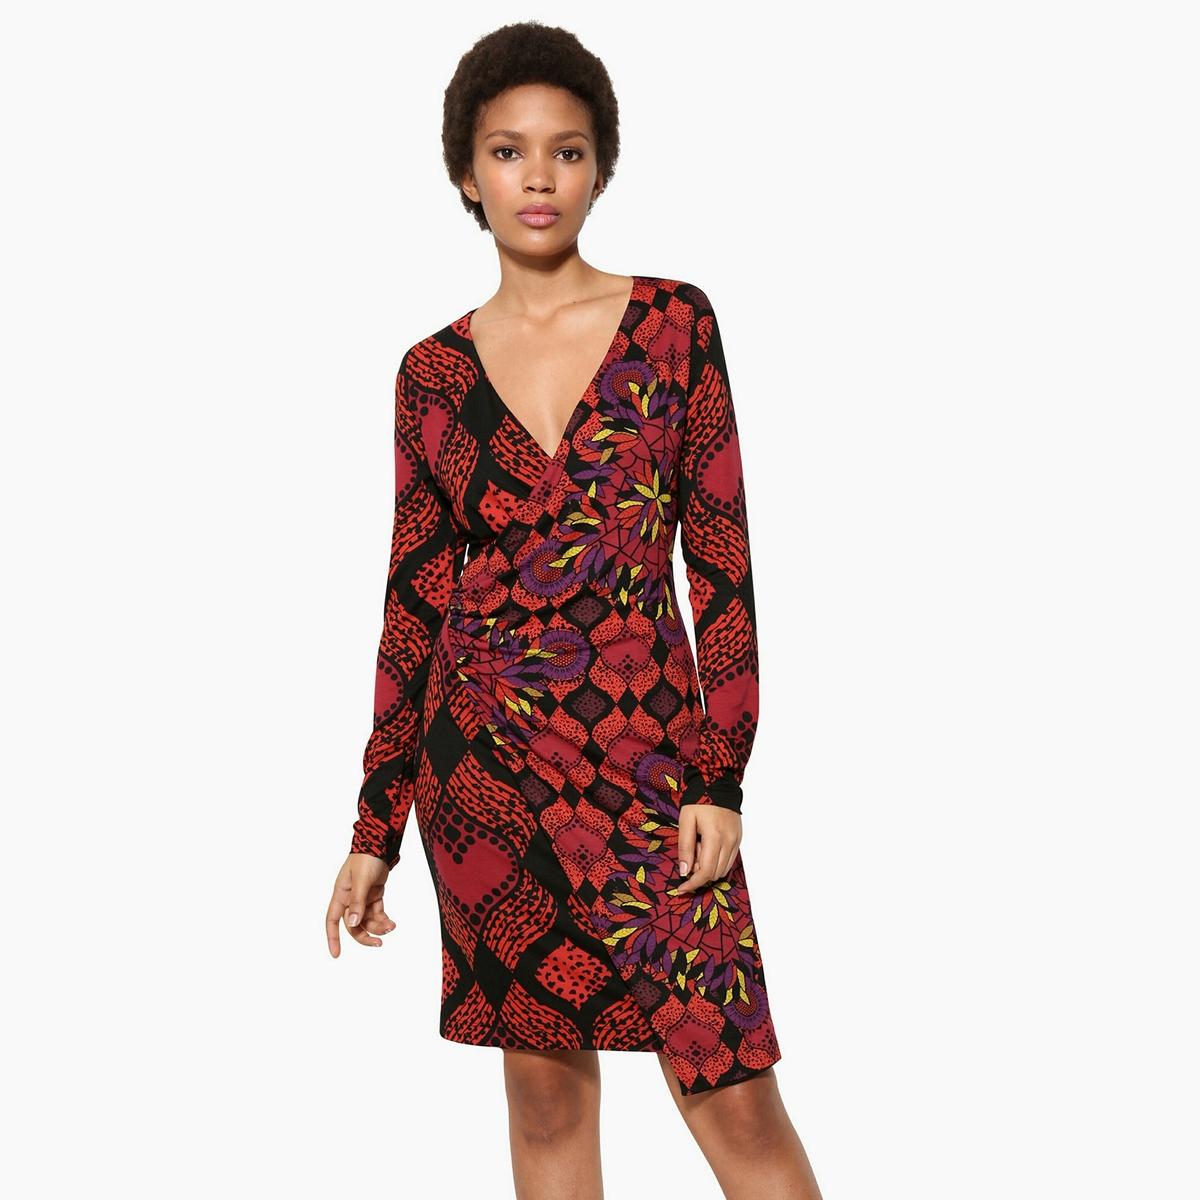 Платье короткое с длинными рукавамиДетали •  Форма : МИНИ •  короткое  •  Длинные рукава     •  Круглый вырез •  Цветочный рисунок Состав и уход •  95% вискозы, 5% эластана •  Следуйте советам по уходу, указанным на этикетке<br><br>Цвет: красный<br>Размер: M